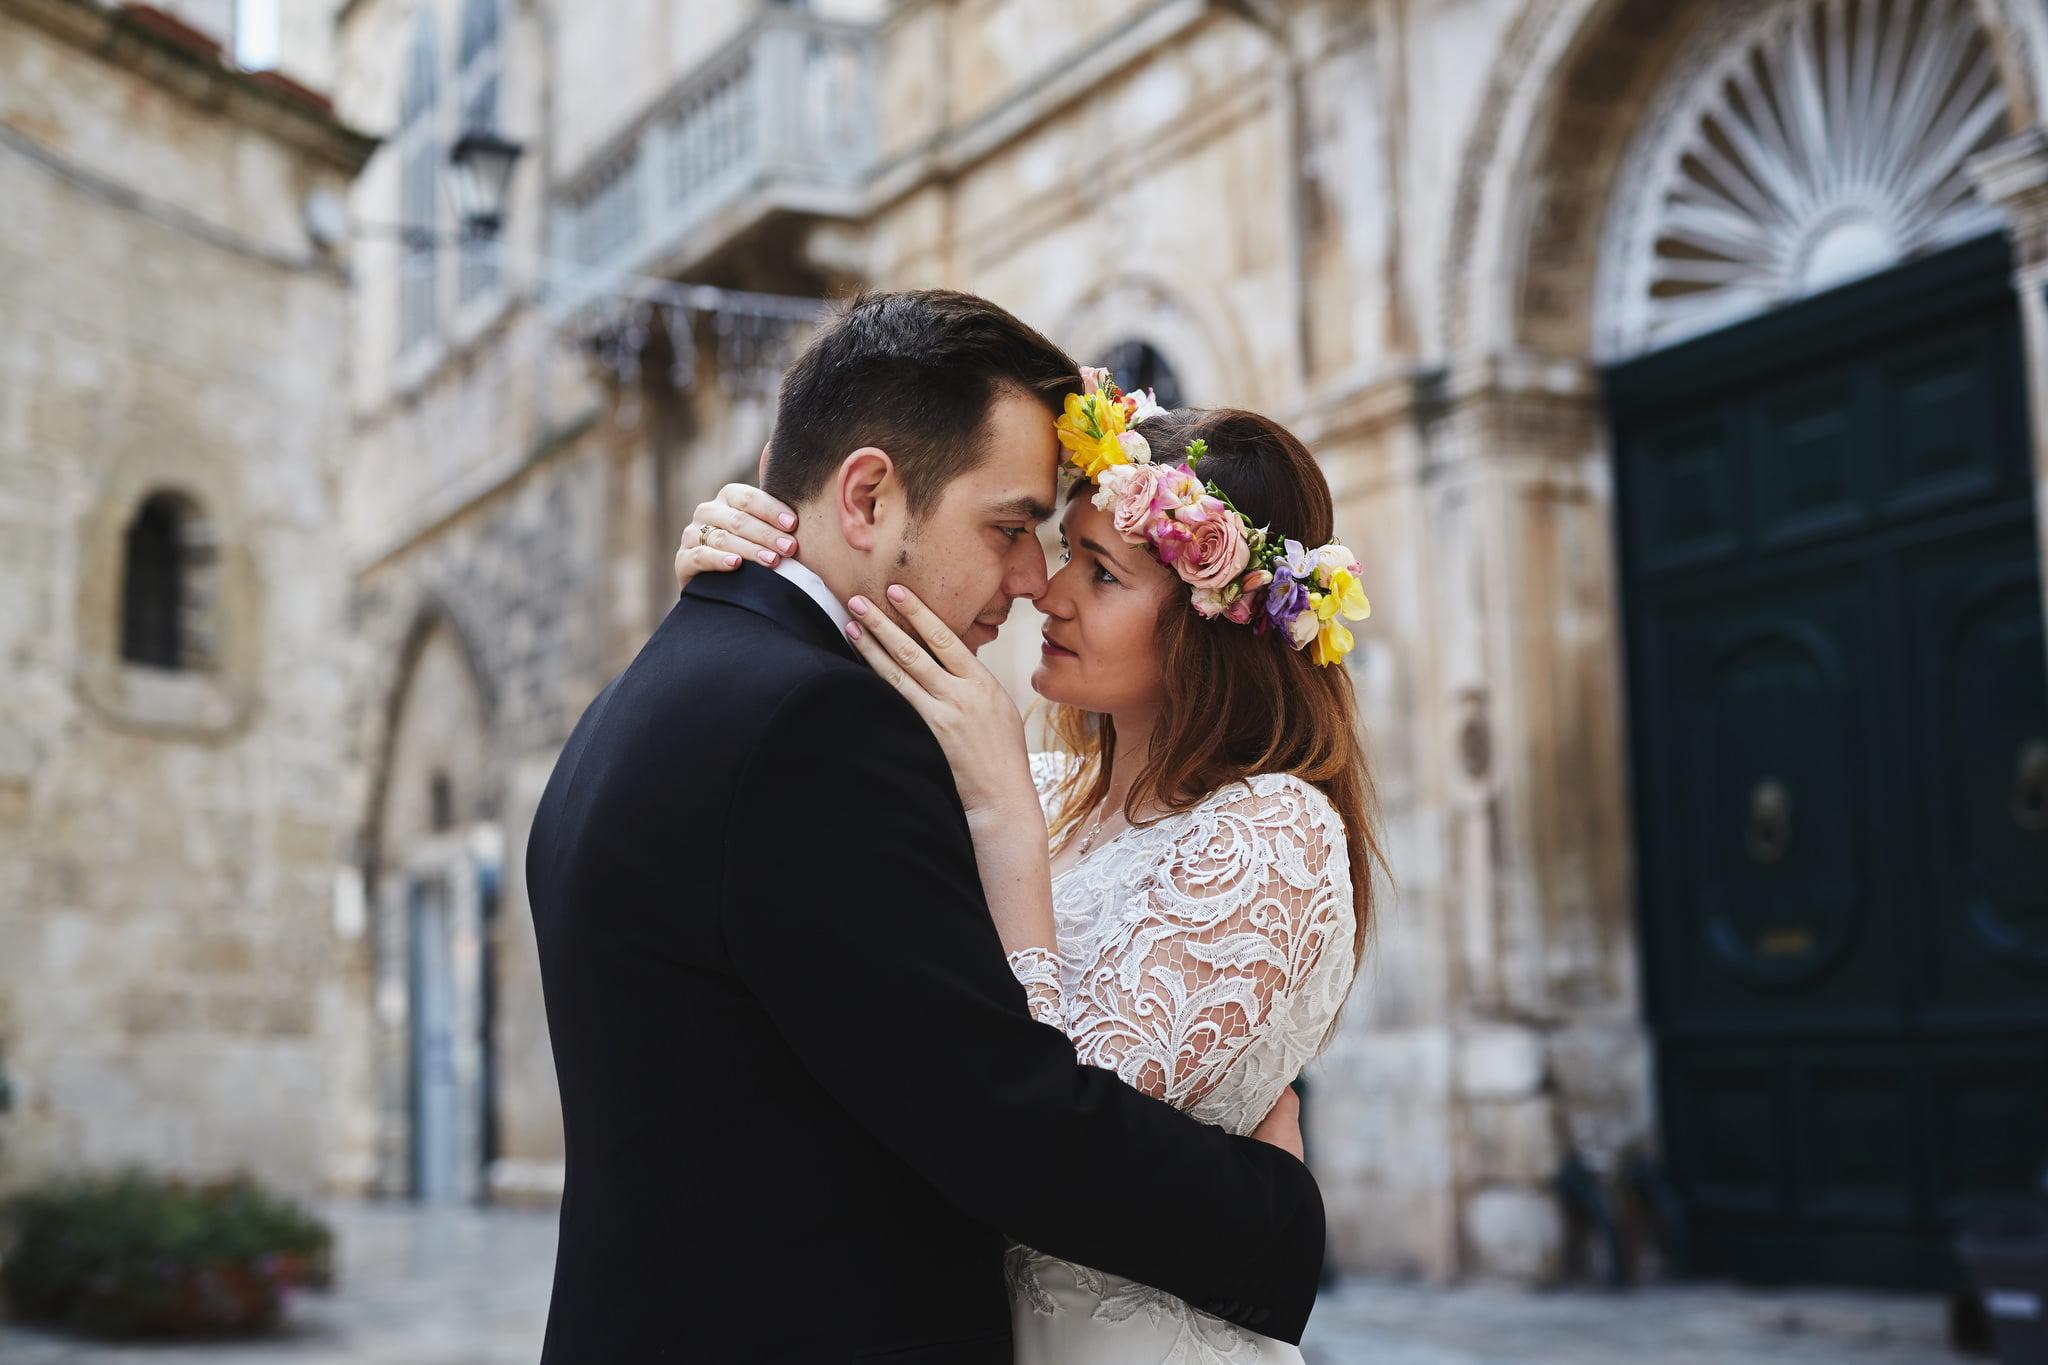 romantyczne zdjęcia ślubne Florencja